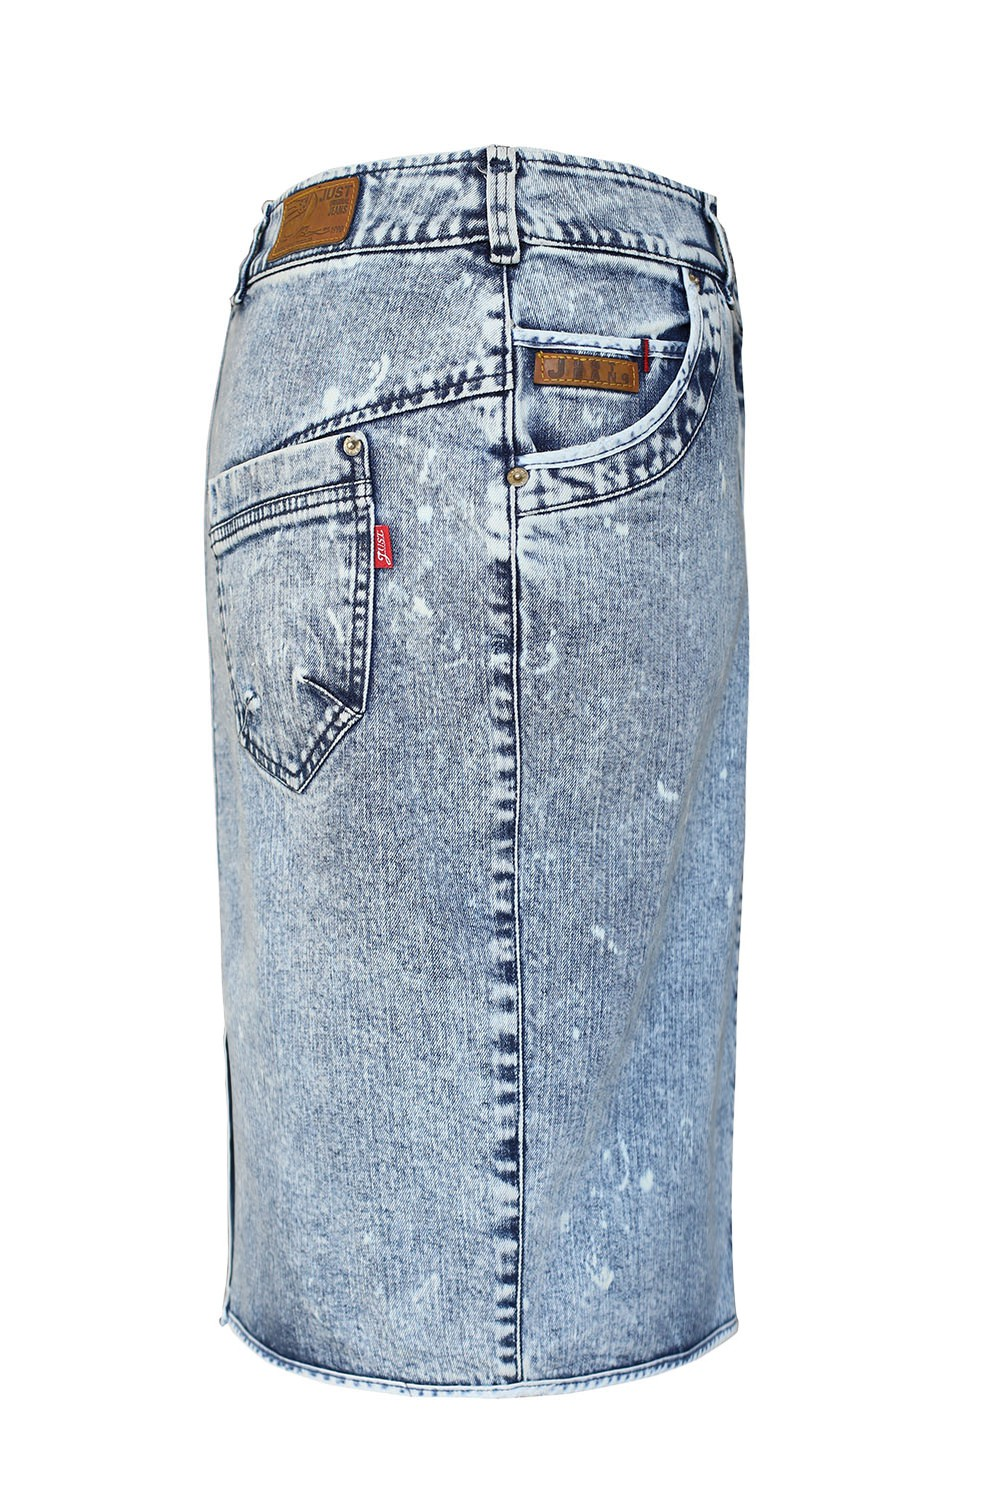 Długa spódnica jeansowa jasna